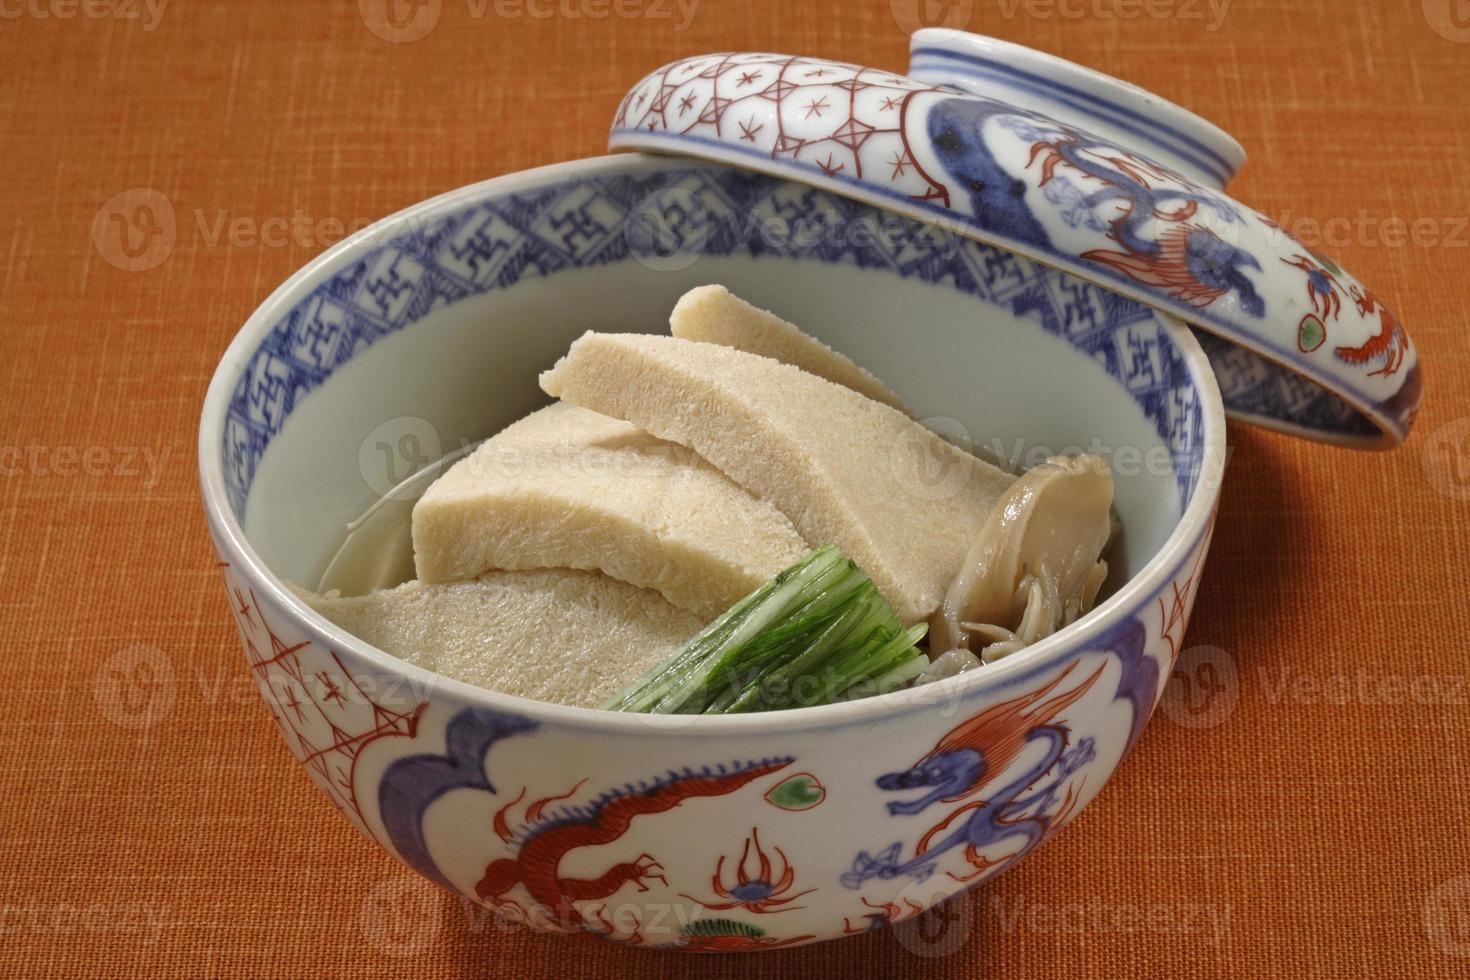 platos a fuego lento de tofu congelado y seco foto